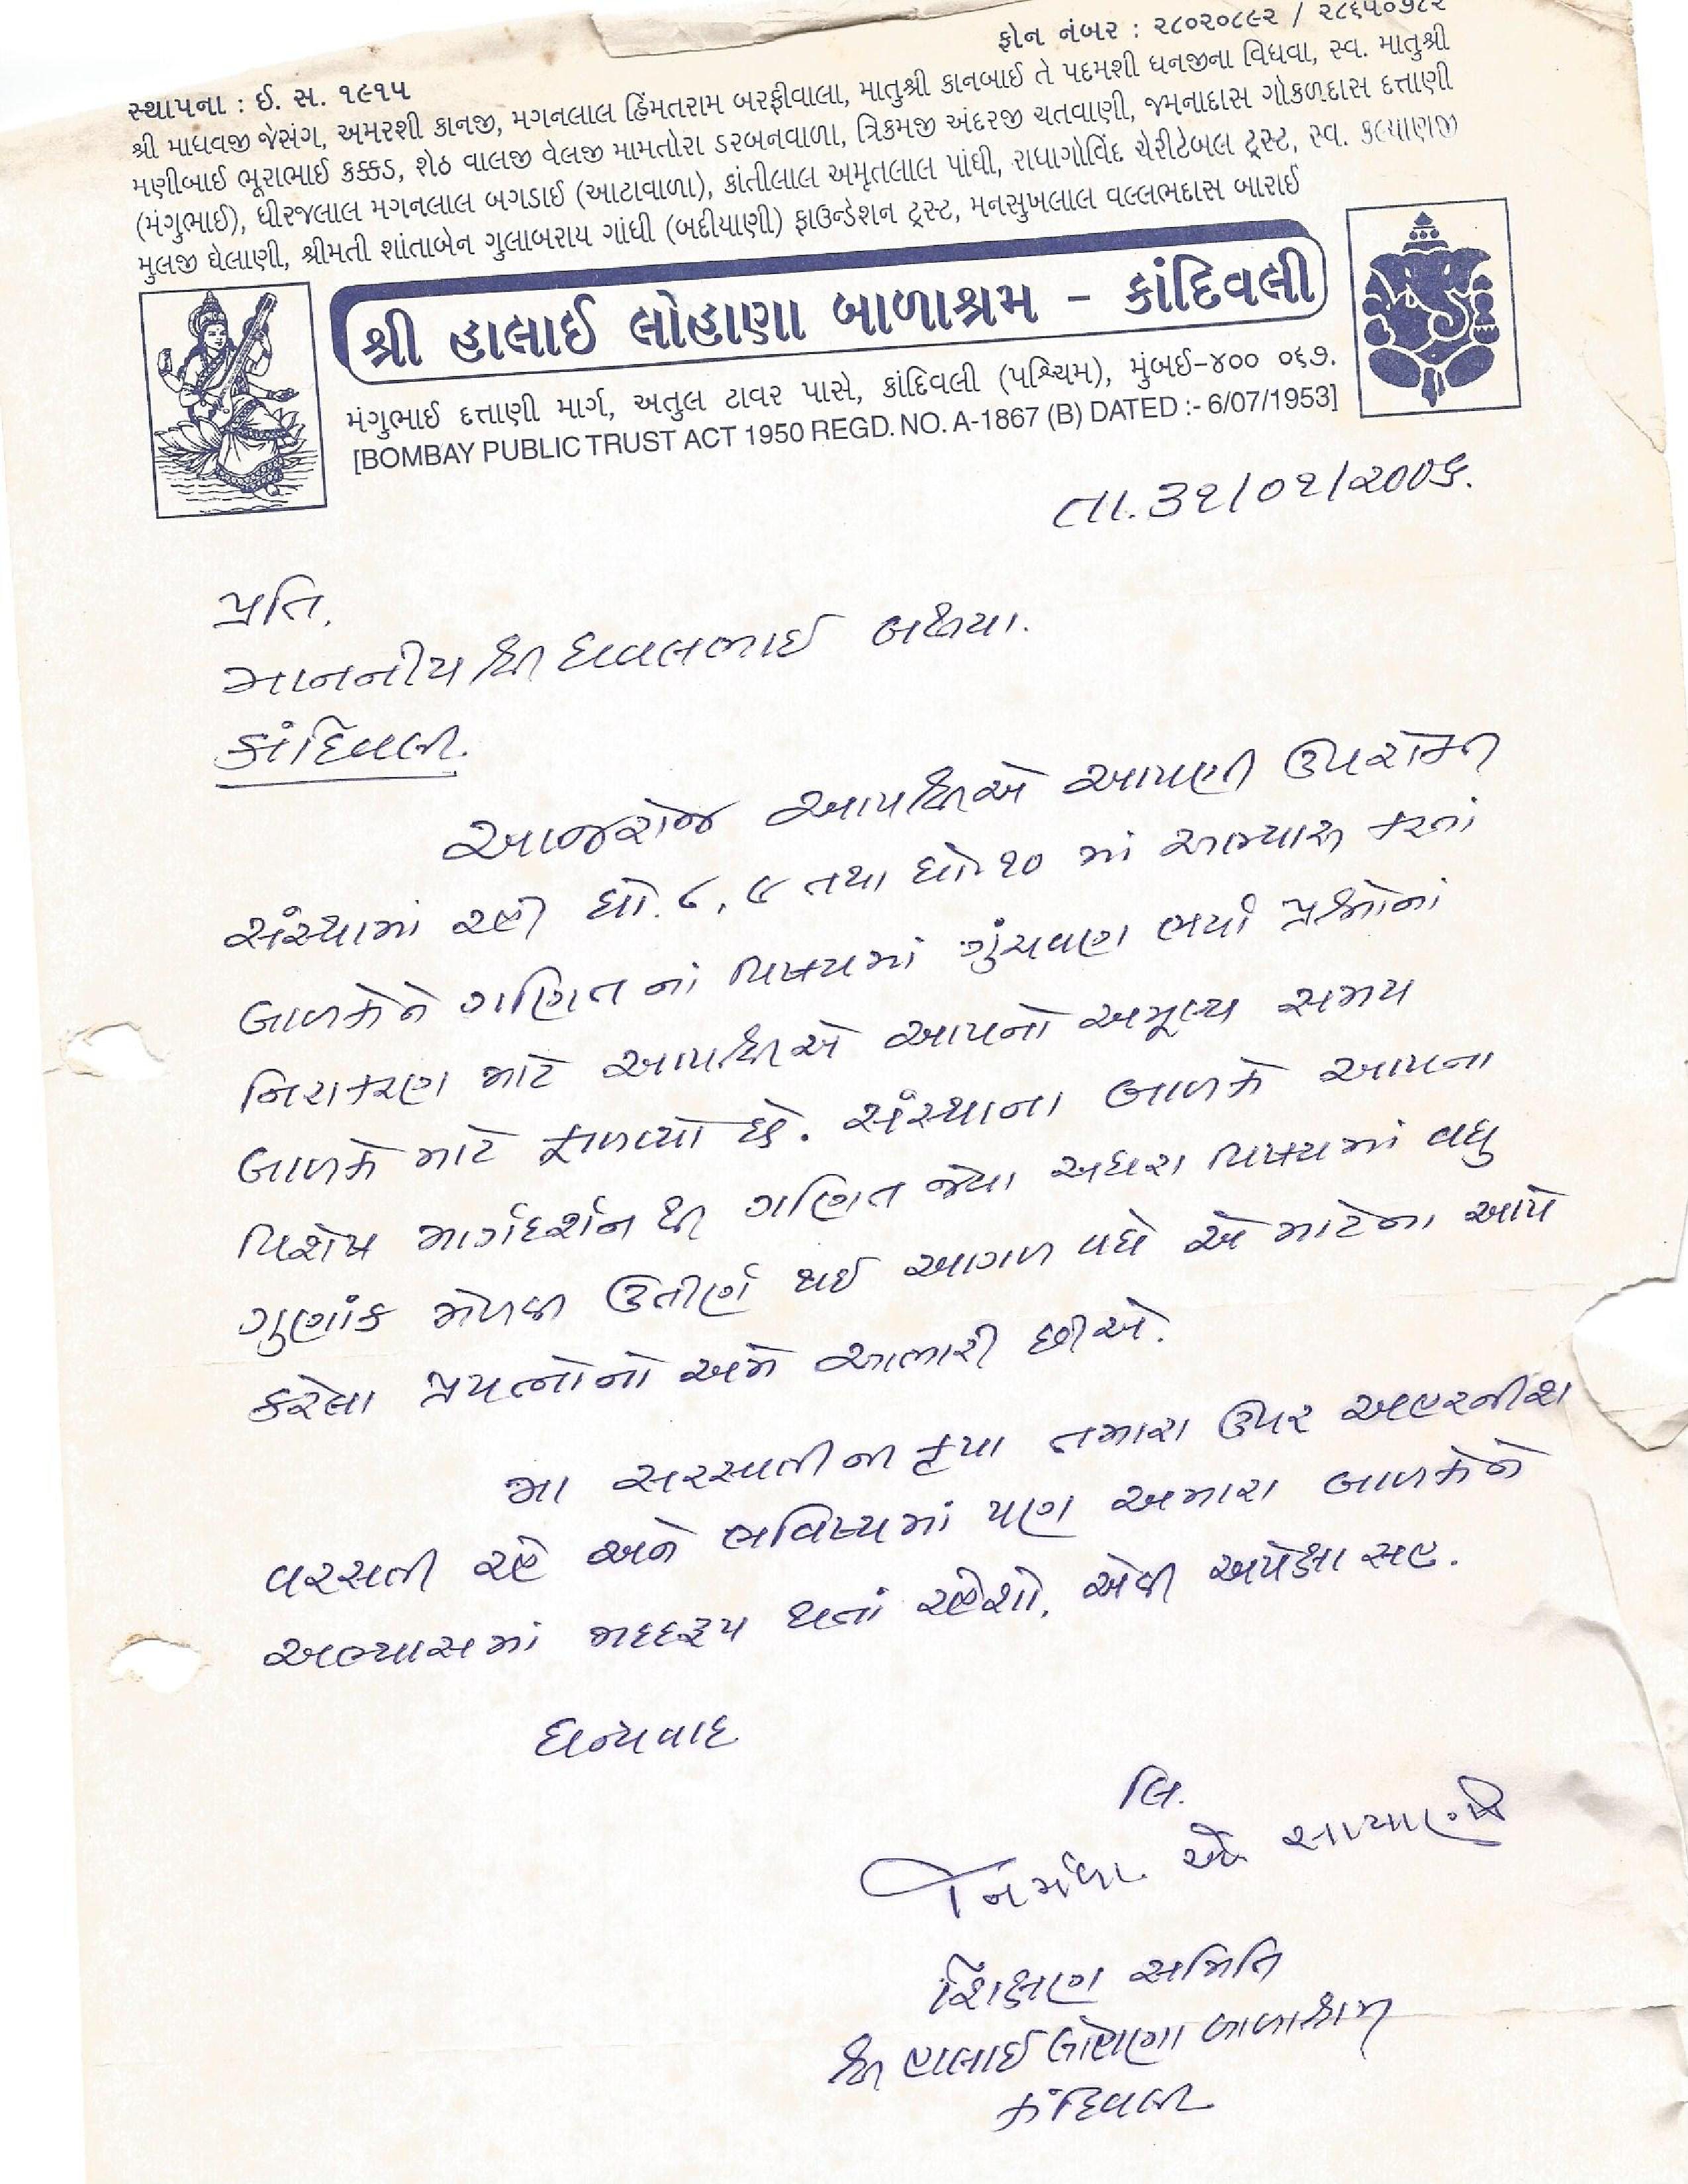 Kandivali Lohana India